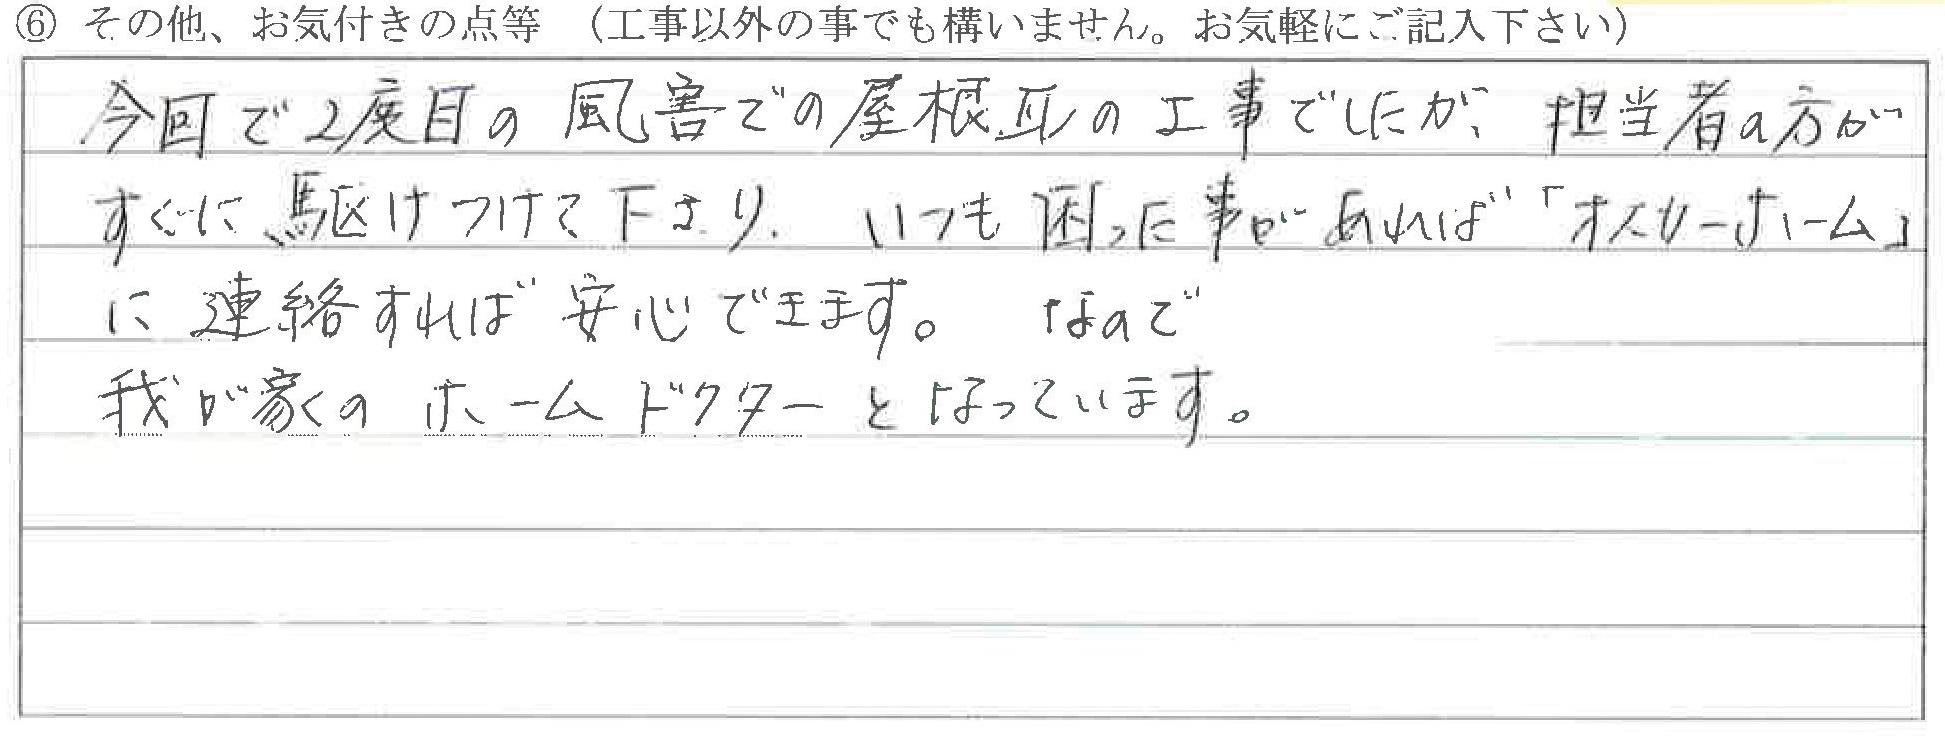 富山県富山市O様に頂いた屋根瓦修繕工事についてのお気づきの点がありましたら、お聞かせ下さい。というご質問について「屋根瓦修繕工事」というお声についての画像